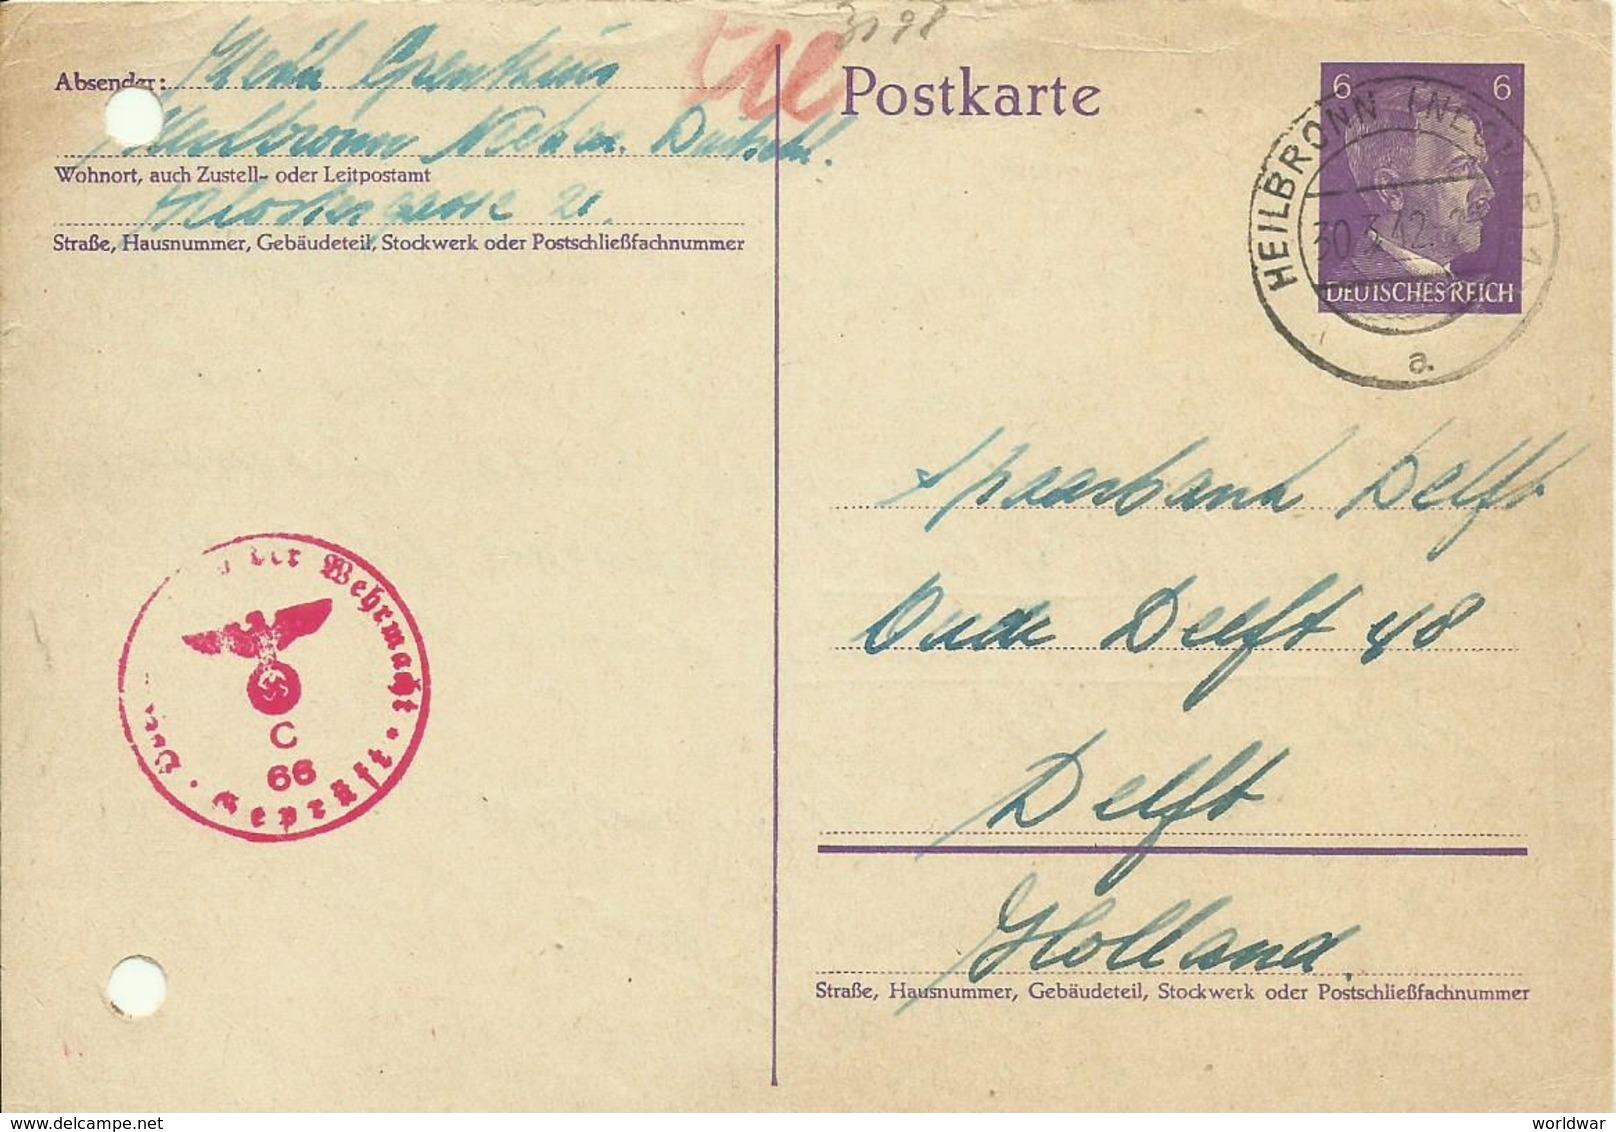 1942  Zensurierte Postkarte Von Heilbronn Nach Delft, Holland - Ganzsachen